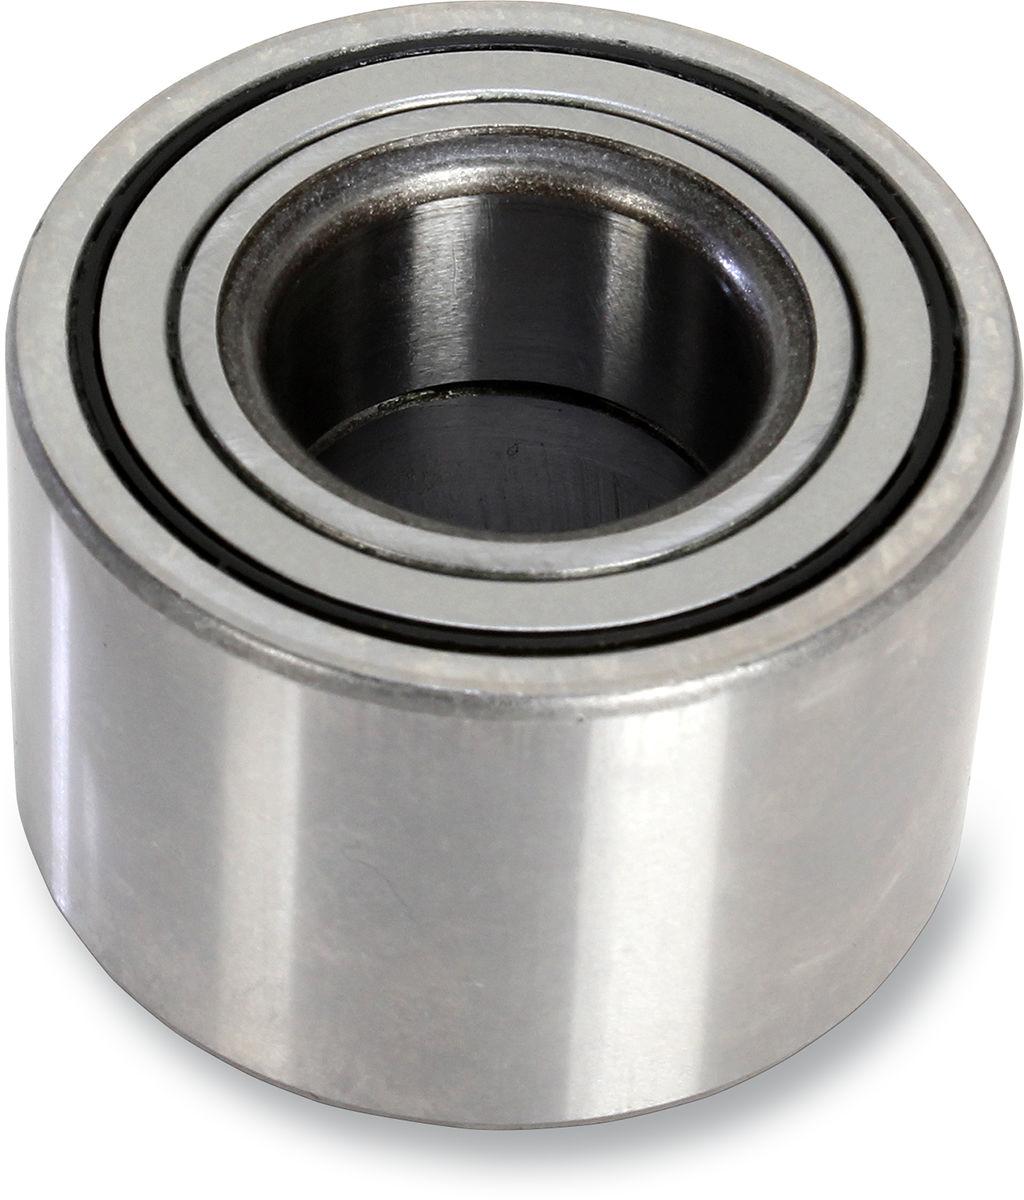 Kawasaki rear wheel bearing kit for Kawasaki Teryx4